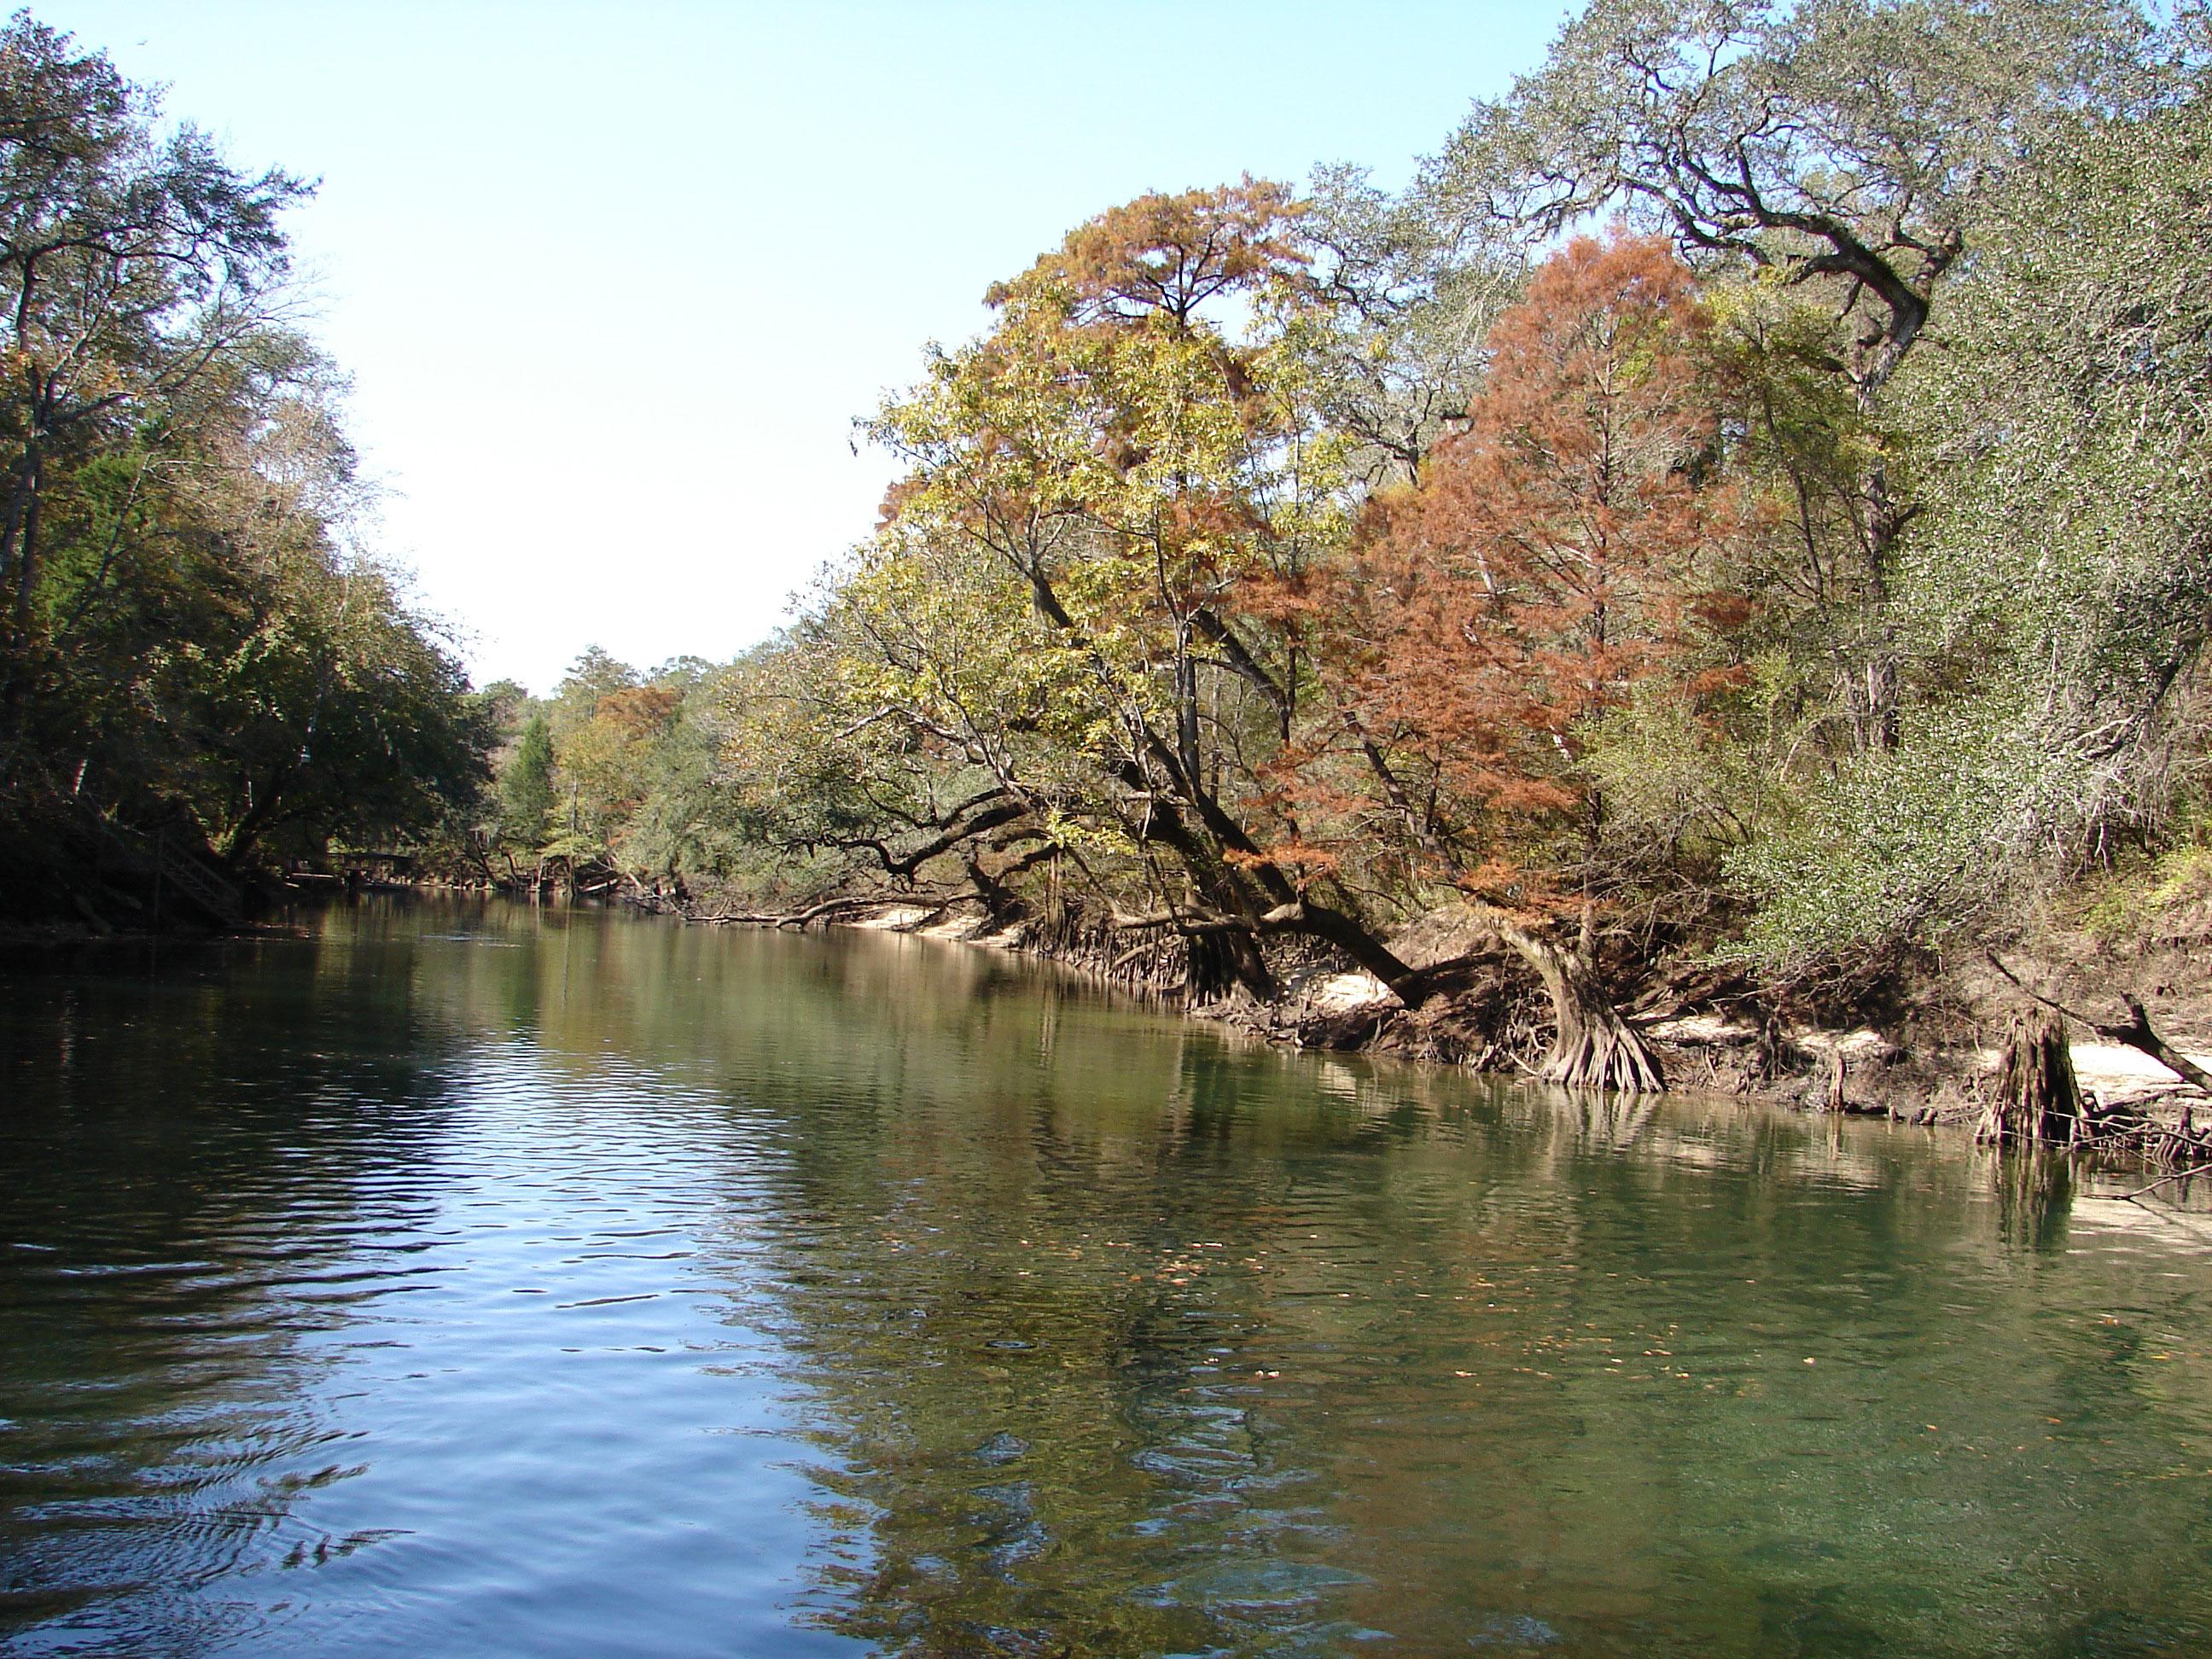 92-miles-long-stock-photos-florida-panhandle-chipola-river-linda-bateman